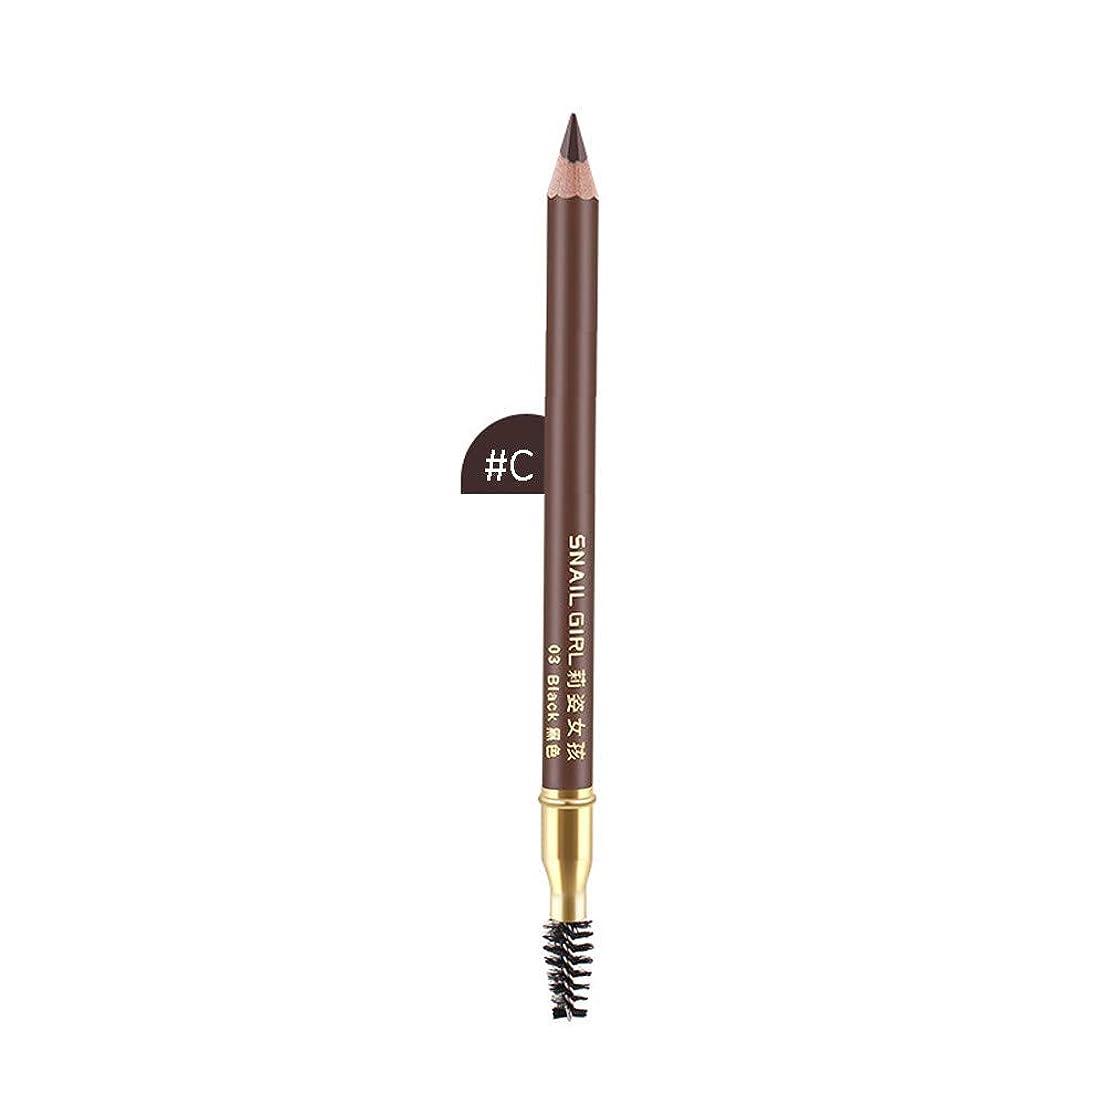 結婚式クロスはず化粧品の眉毛の鉛筆の防水自然で長続きがする眉ライナーの構造